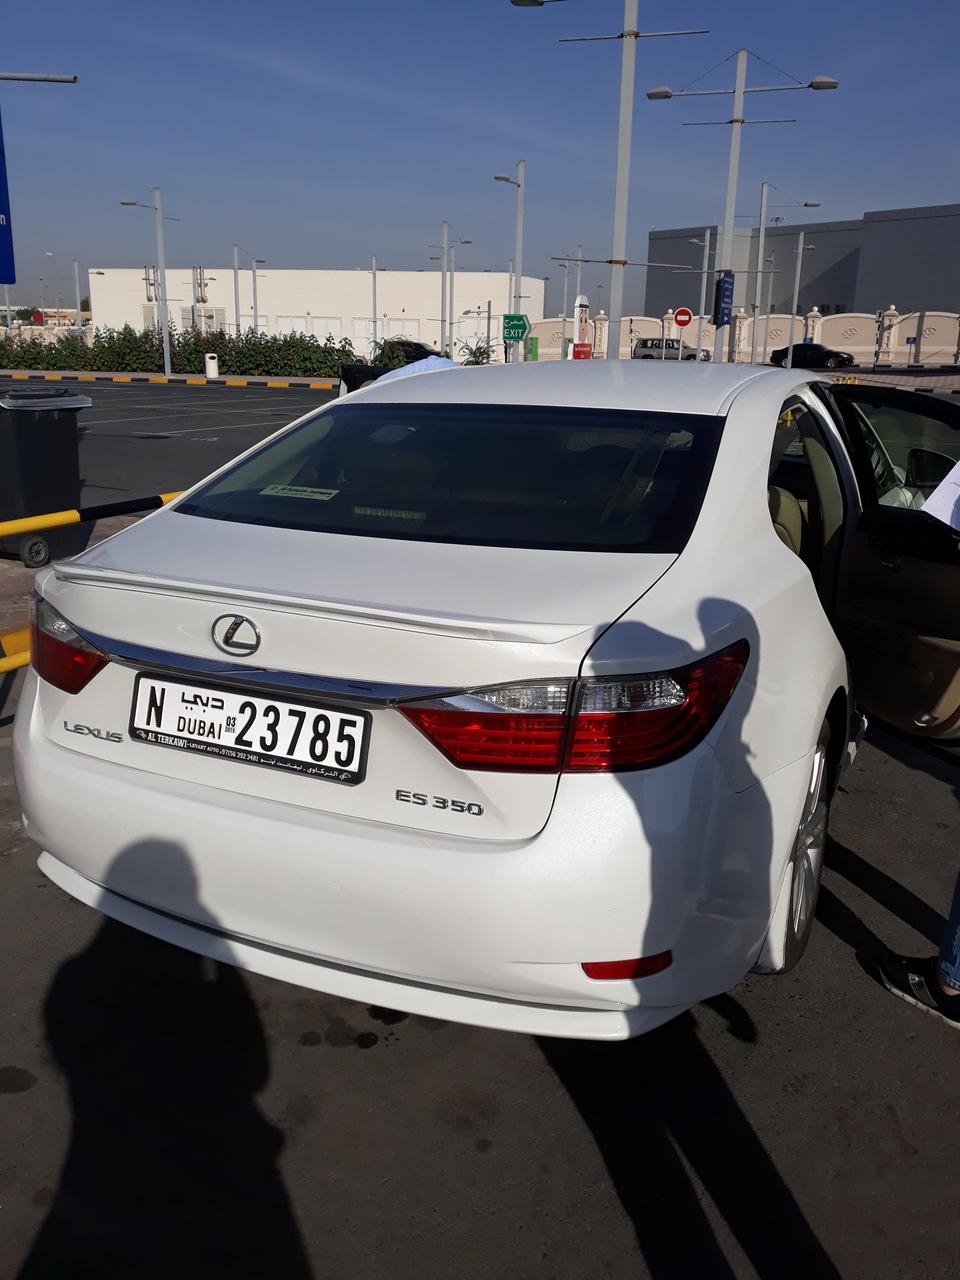 Трансфер в Дубае из аэропорта на лексусе